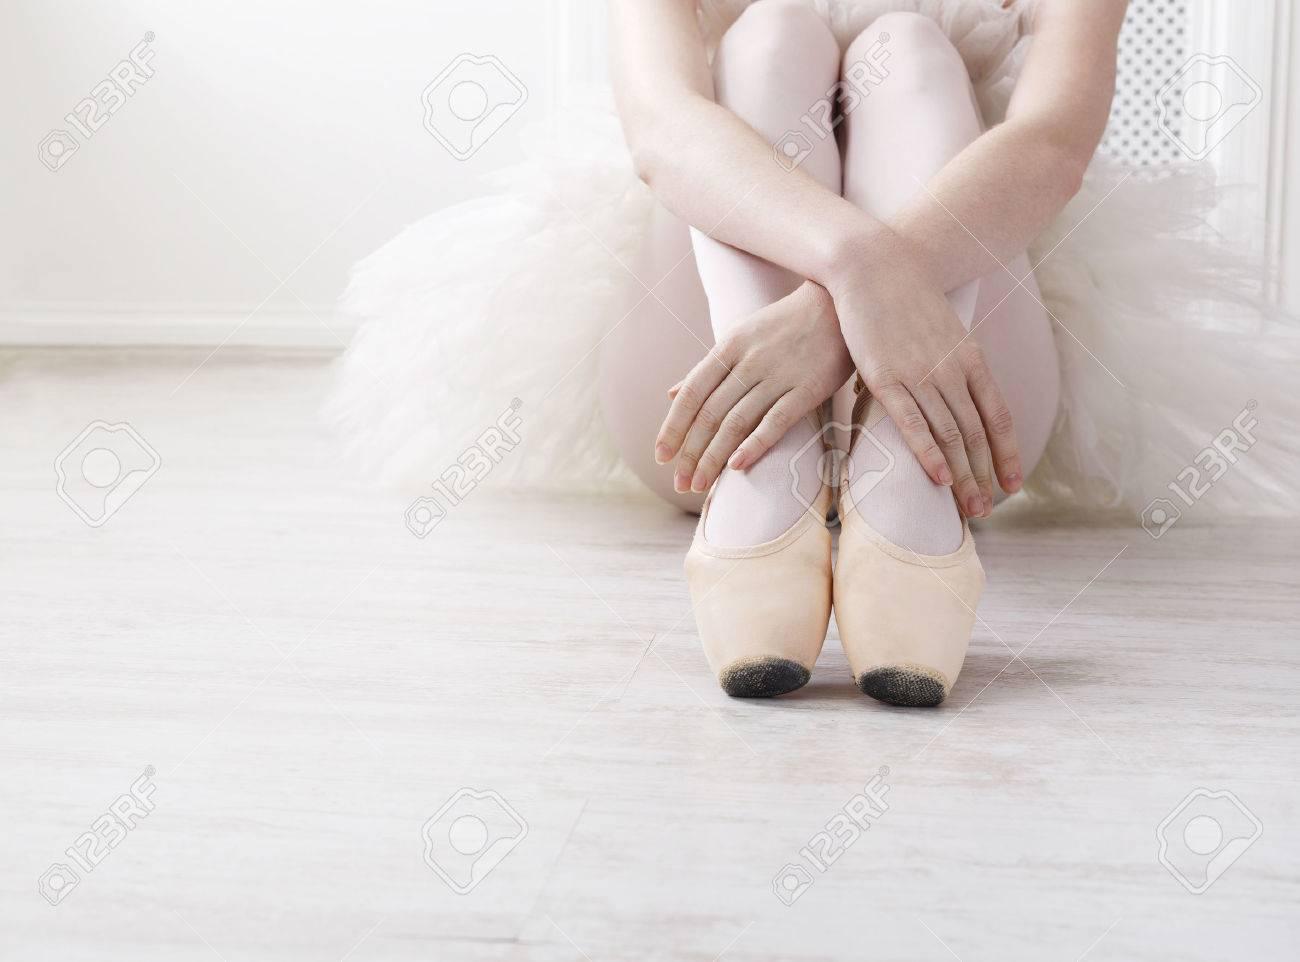 c8e35c6bc Detalle de las piernas de bailarina jóvenes, se sientan en zapatillas de  punta en blanco suelo de madera, con copia espacio. la práctica de ballet.  ...